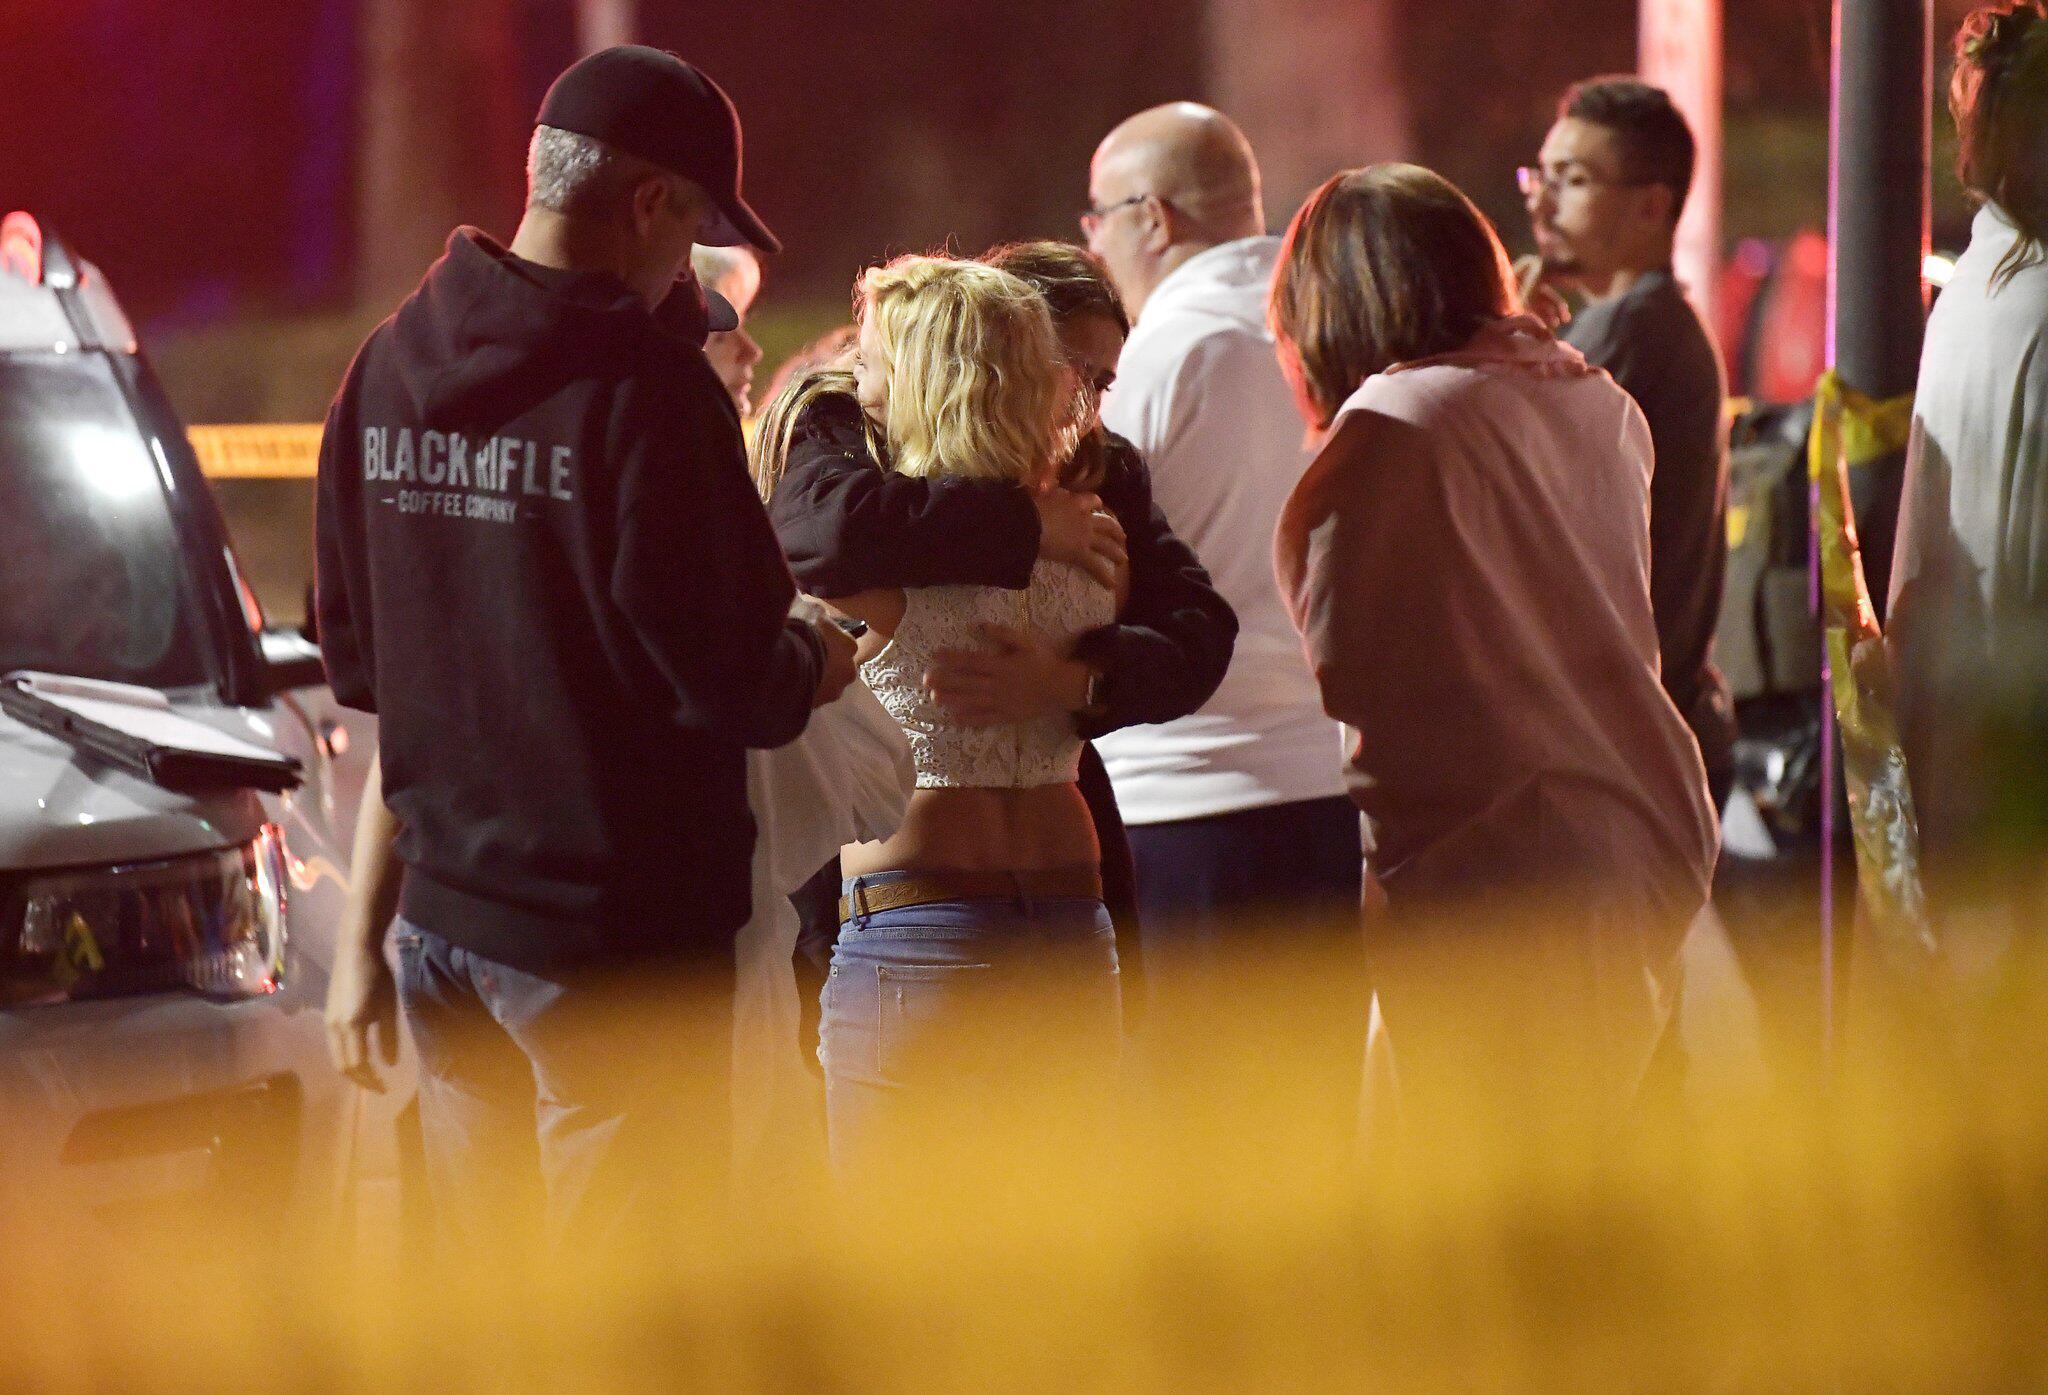 Bild zu Schüsse in Bar in Kalifornien